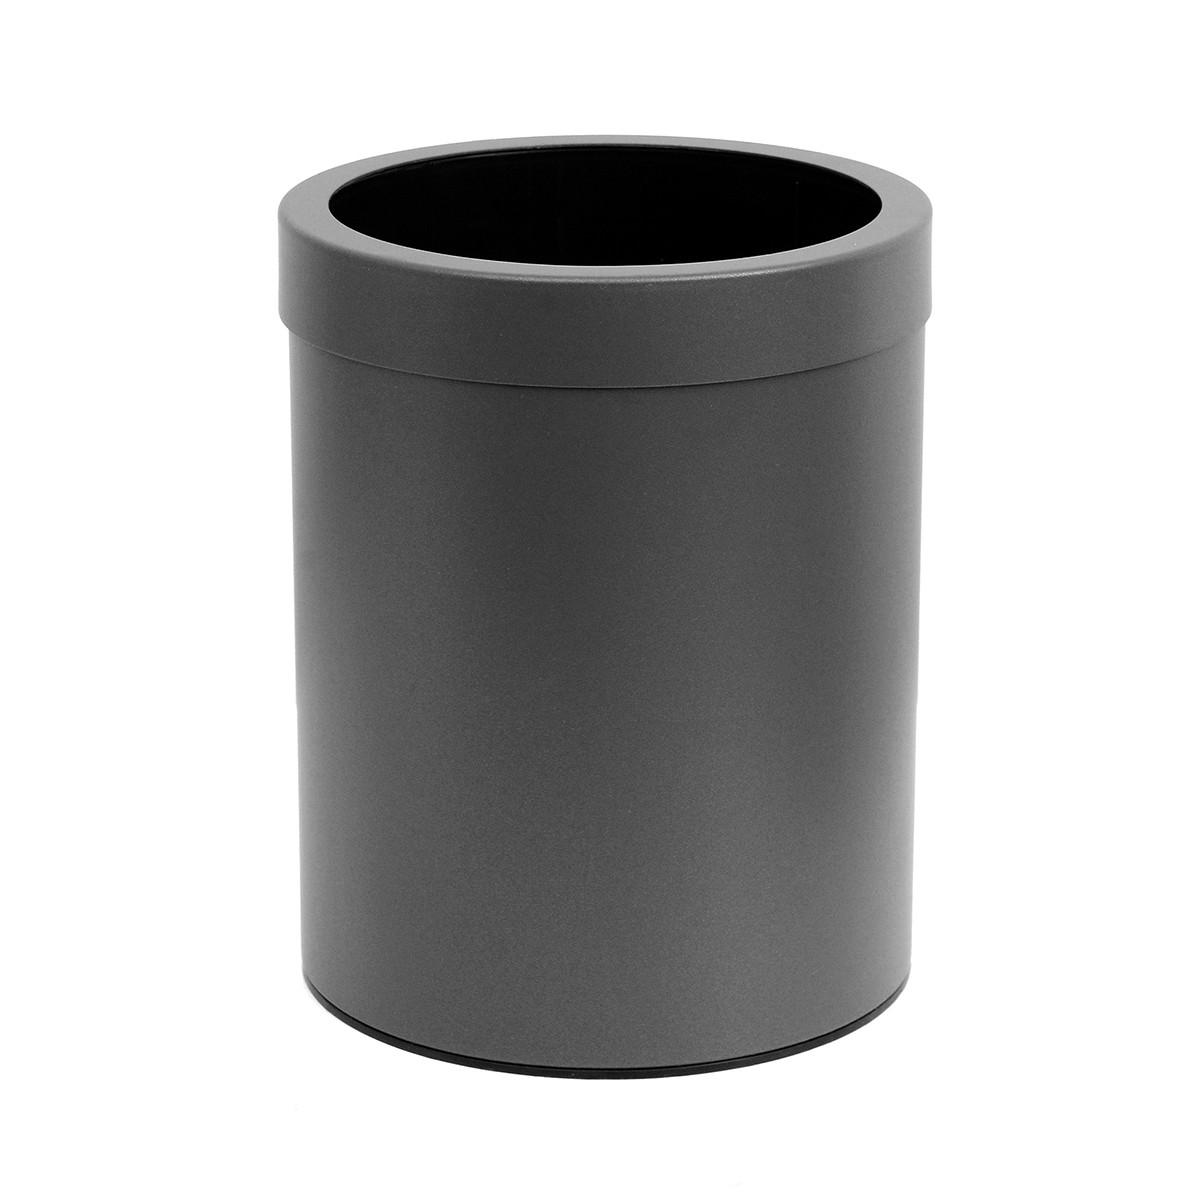 Καλάθι Απορριμμάτων (21×26) PamCo 5Lit 05-2126-113 Anthracite Ma